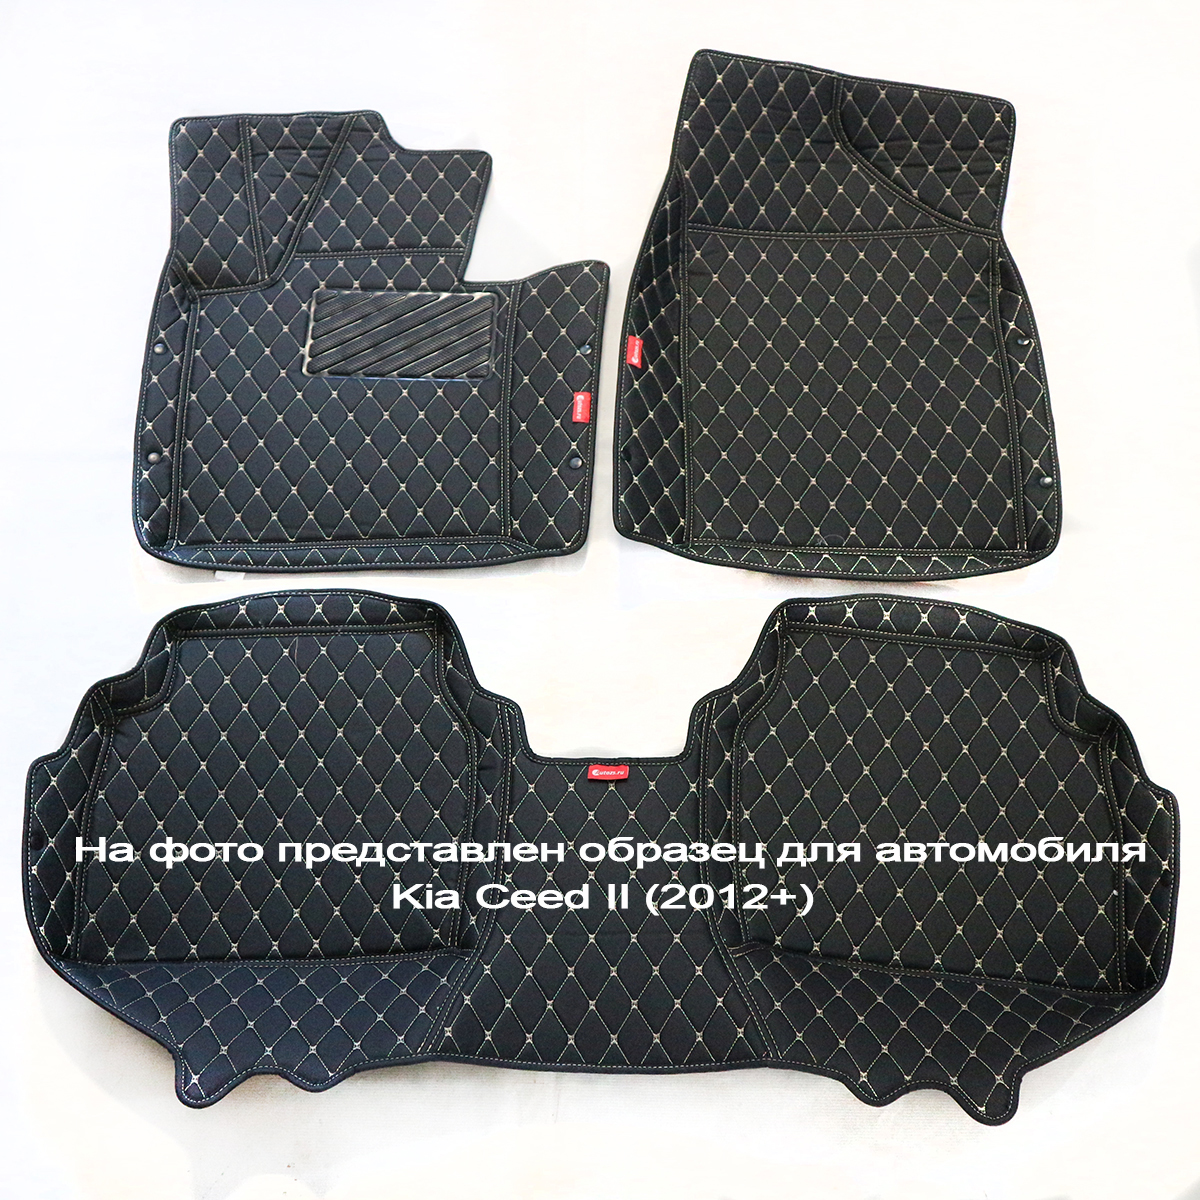 Кожаные коврики для Porsche Cayenne II (958) (2010-2014)Автомобильные кожаные коврики<br>Черные...<br>